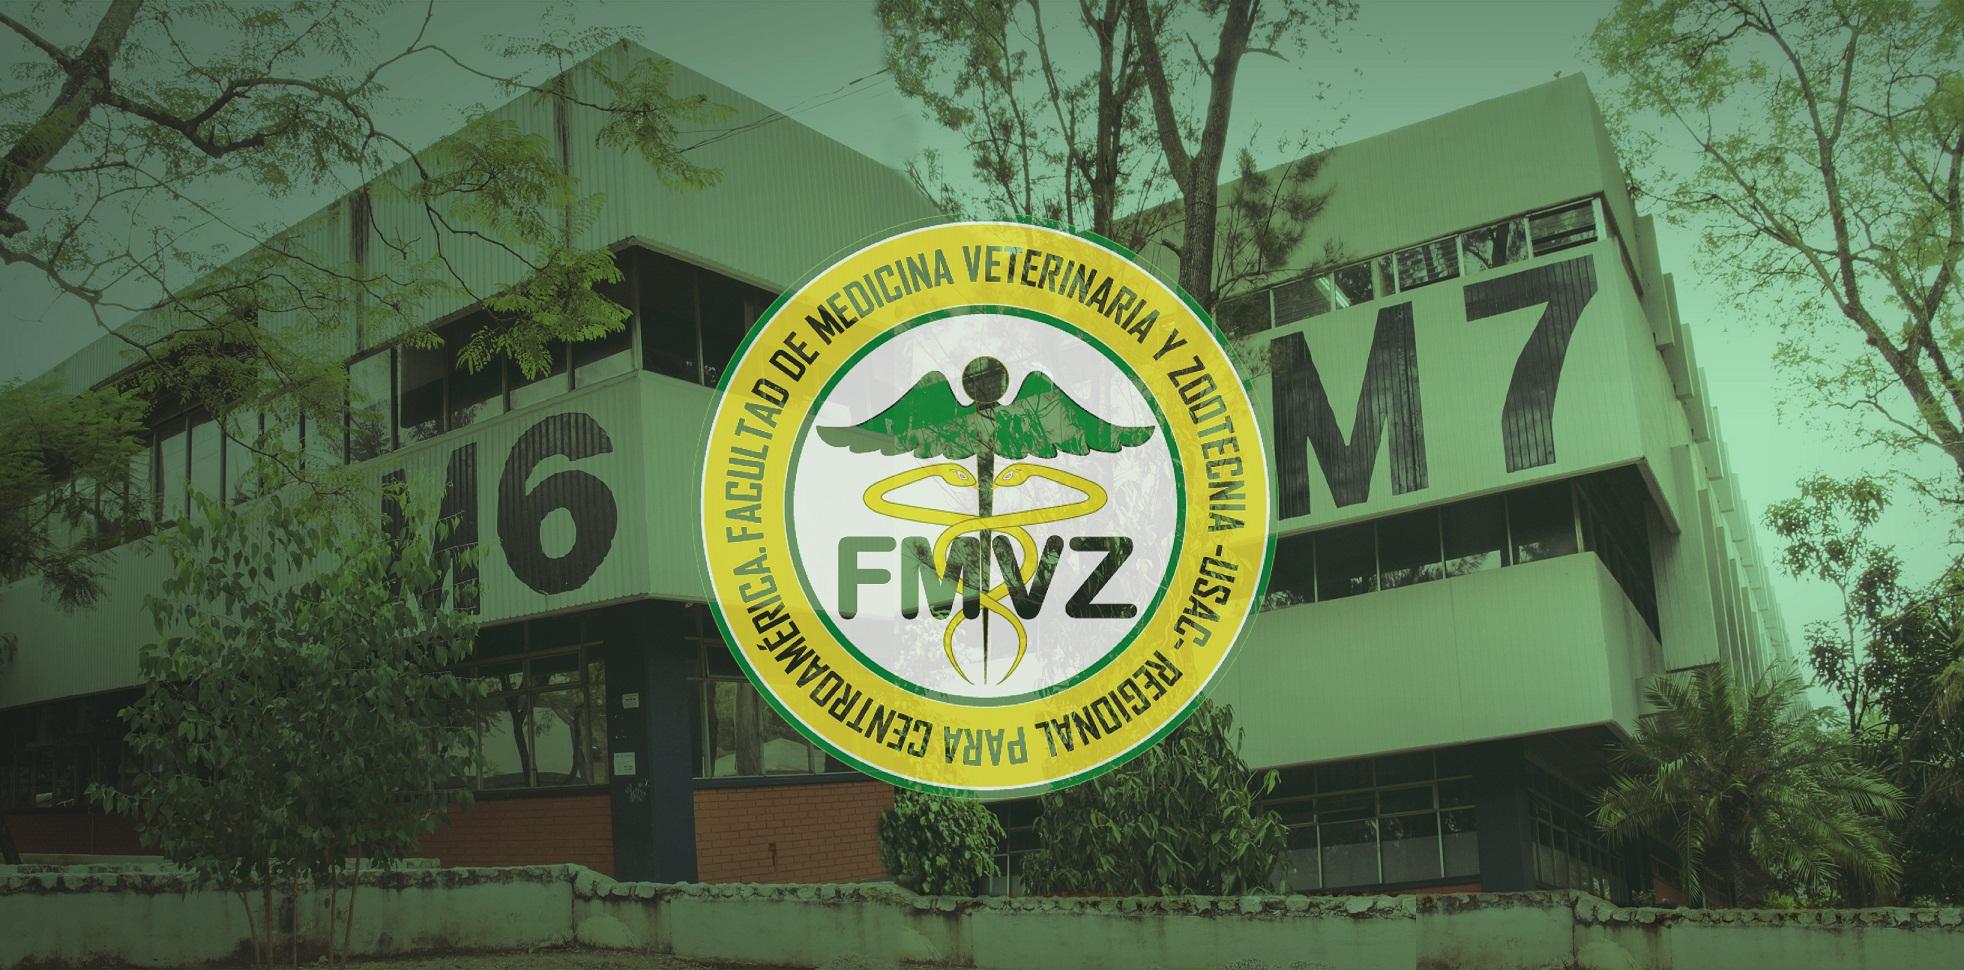 Pruebas 2 para la facultad FMVZ